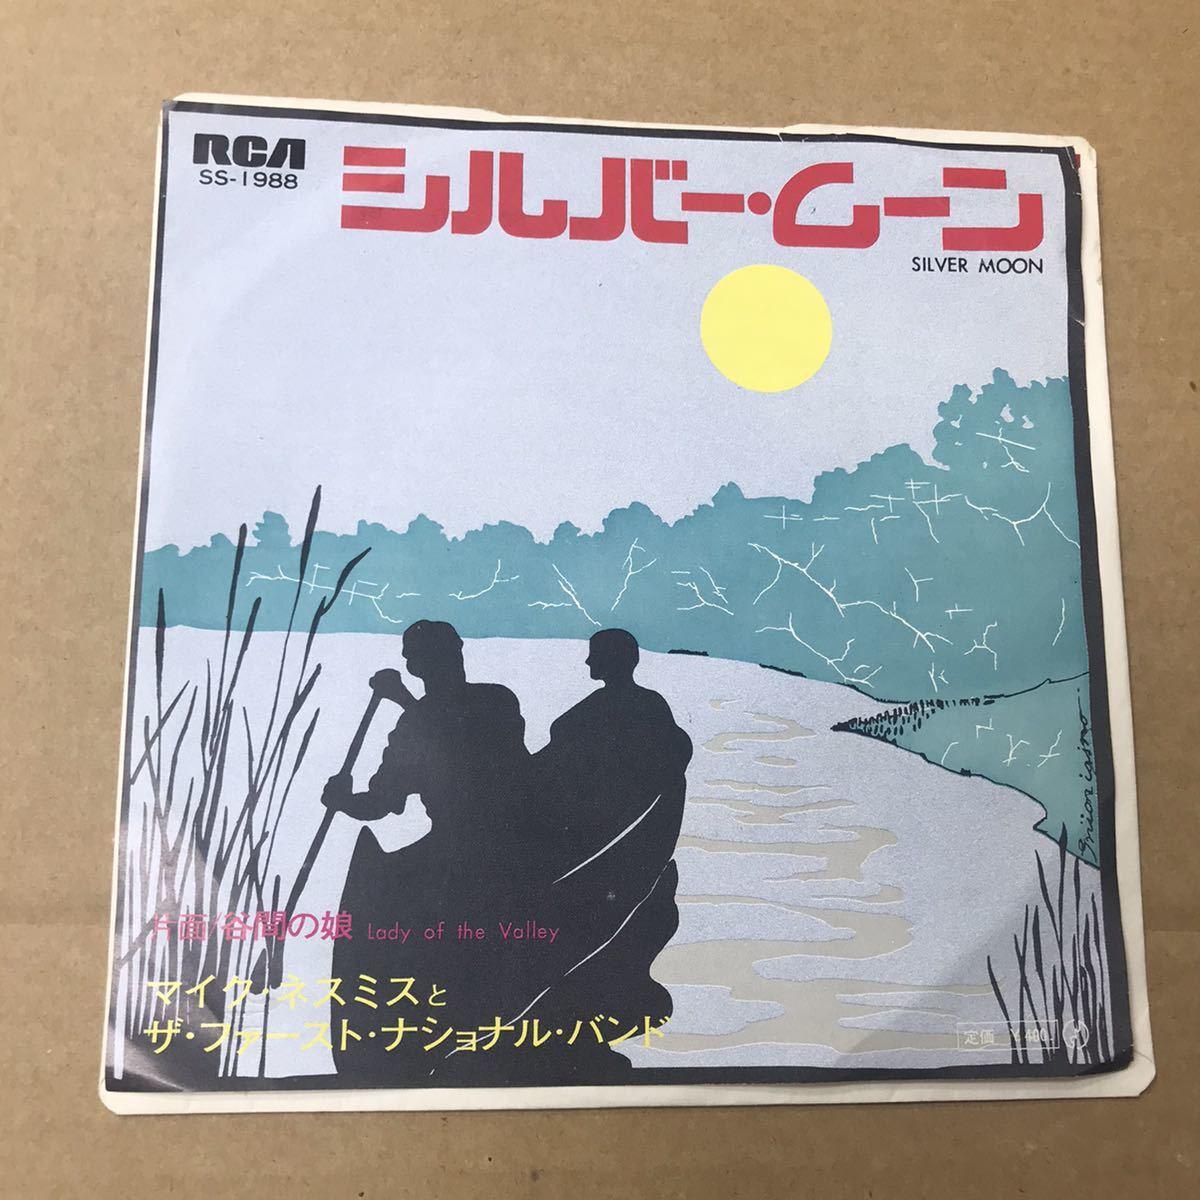 マイクネスミス 7インチ シルバームーン モンキーズ サンプル盤 Mike Nesmith Monkees PROMO_画像1